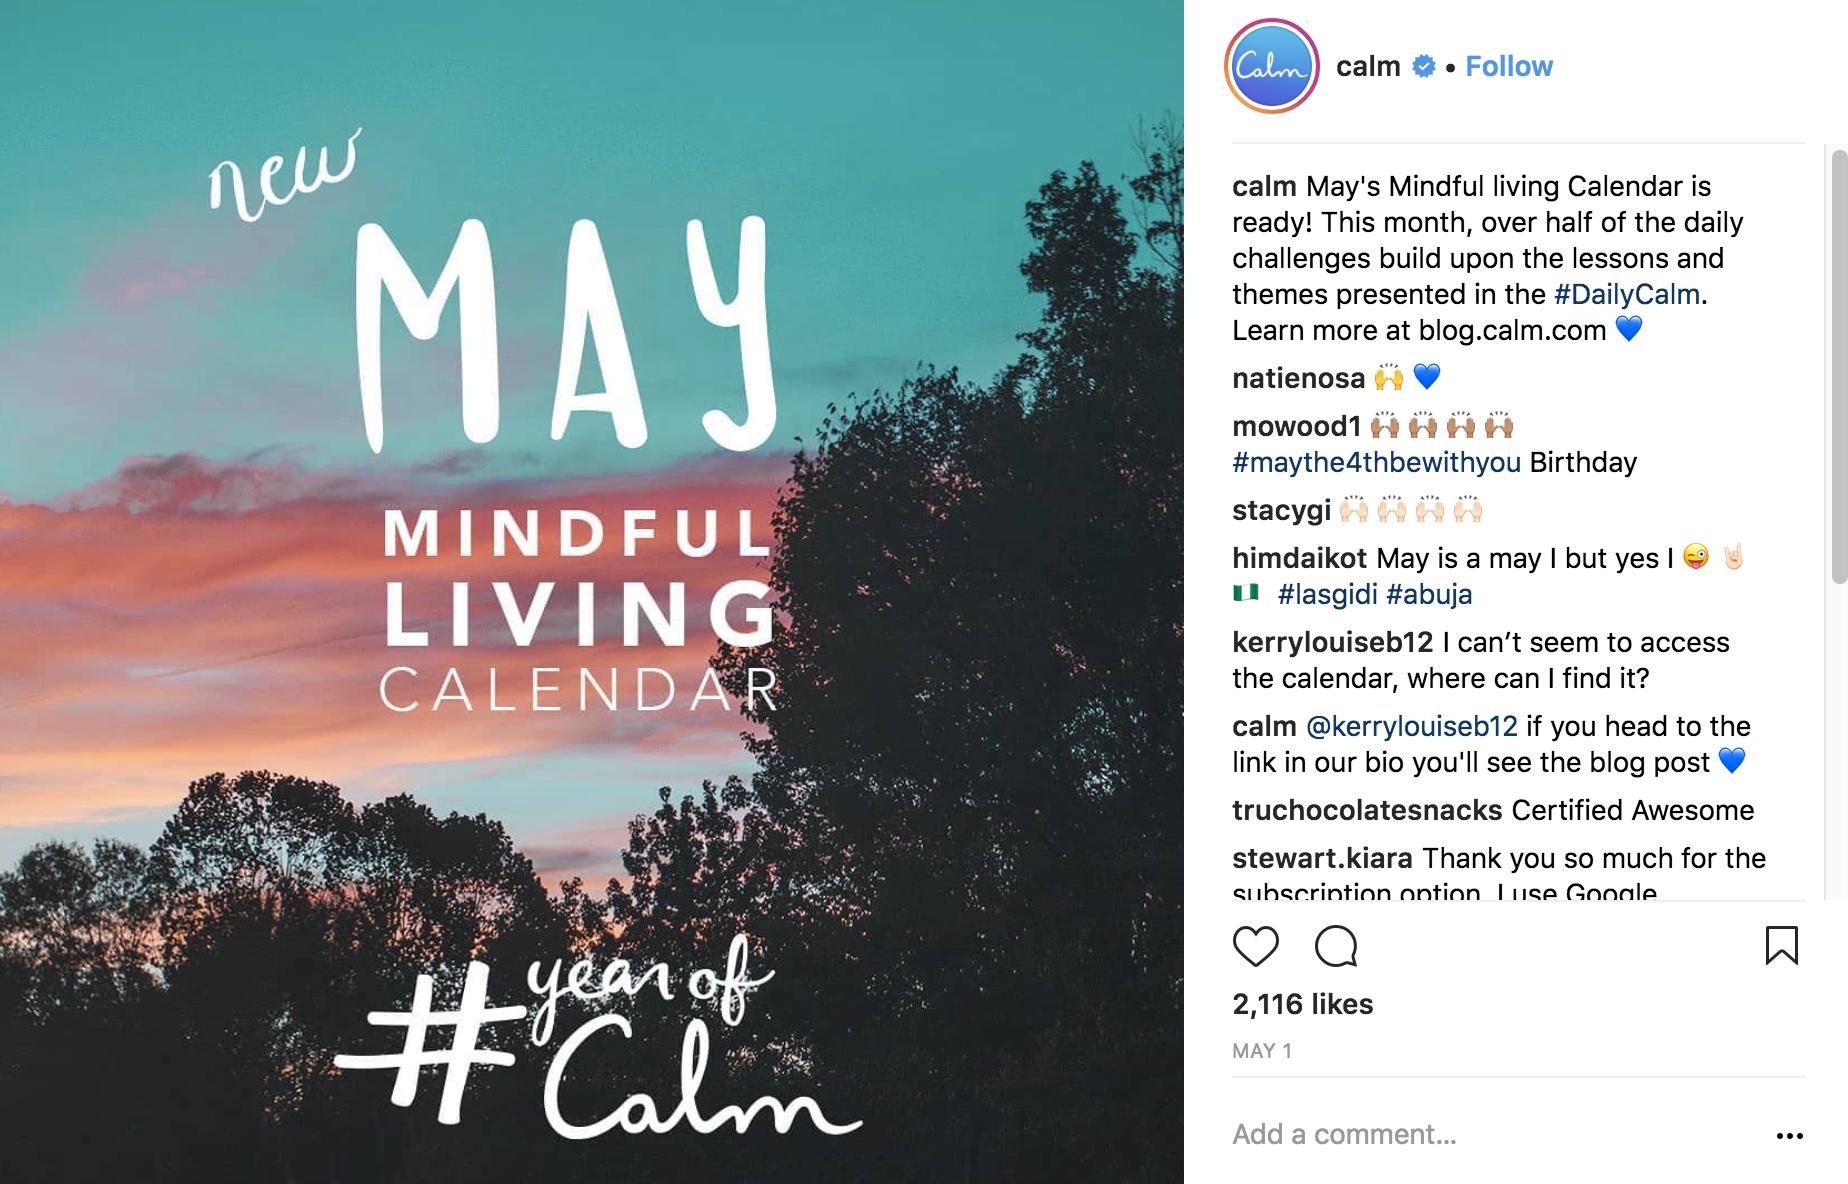 calm-instagra-marketing-strategy